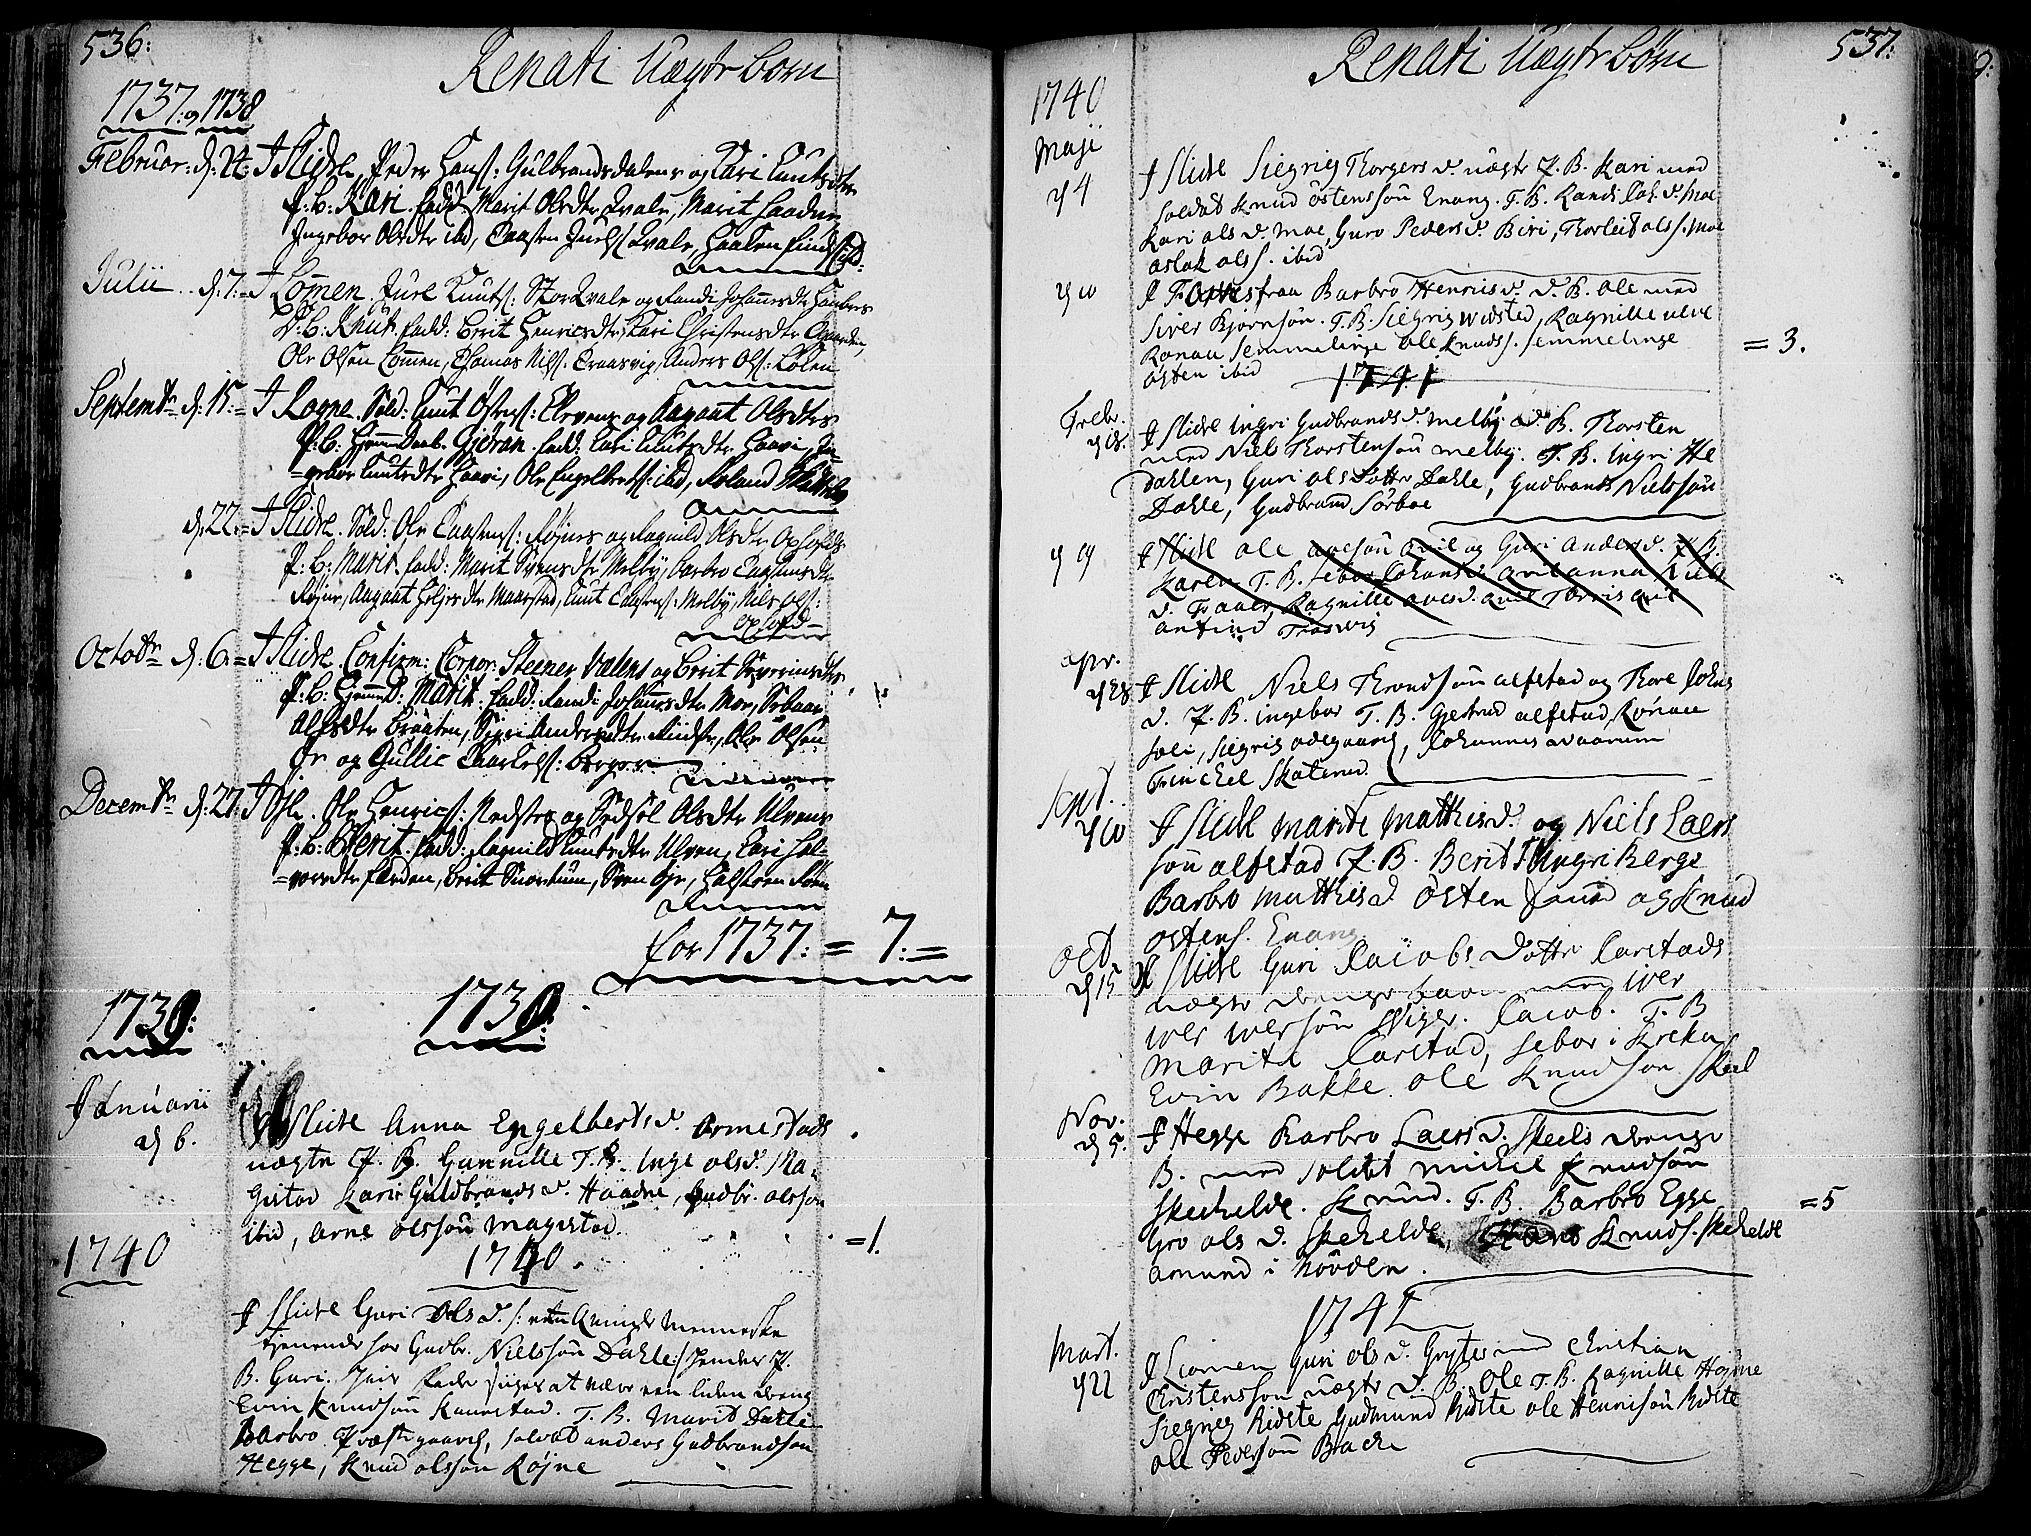 SAH, Slidre prestekontor, Ministerialbok nr. 1, 1724-1814, s. 536-537